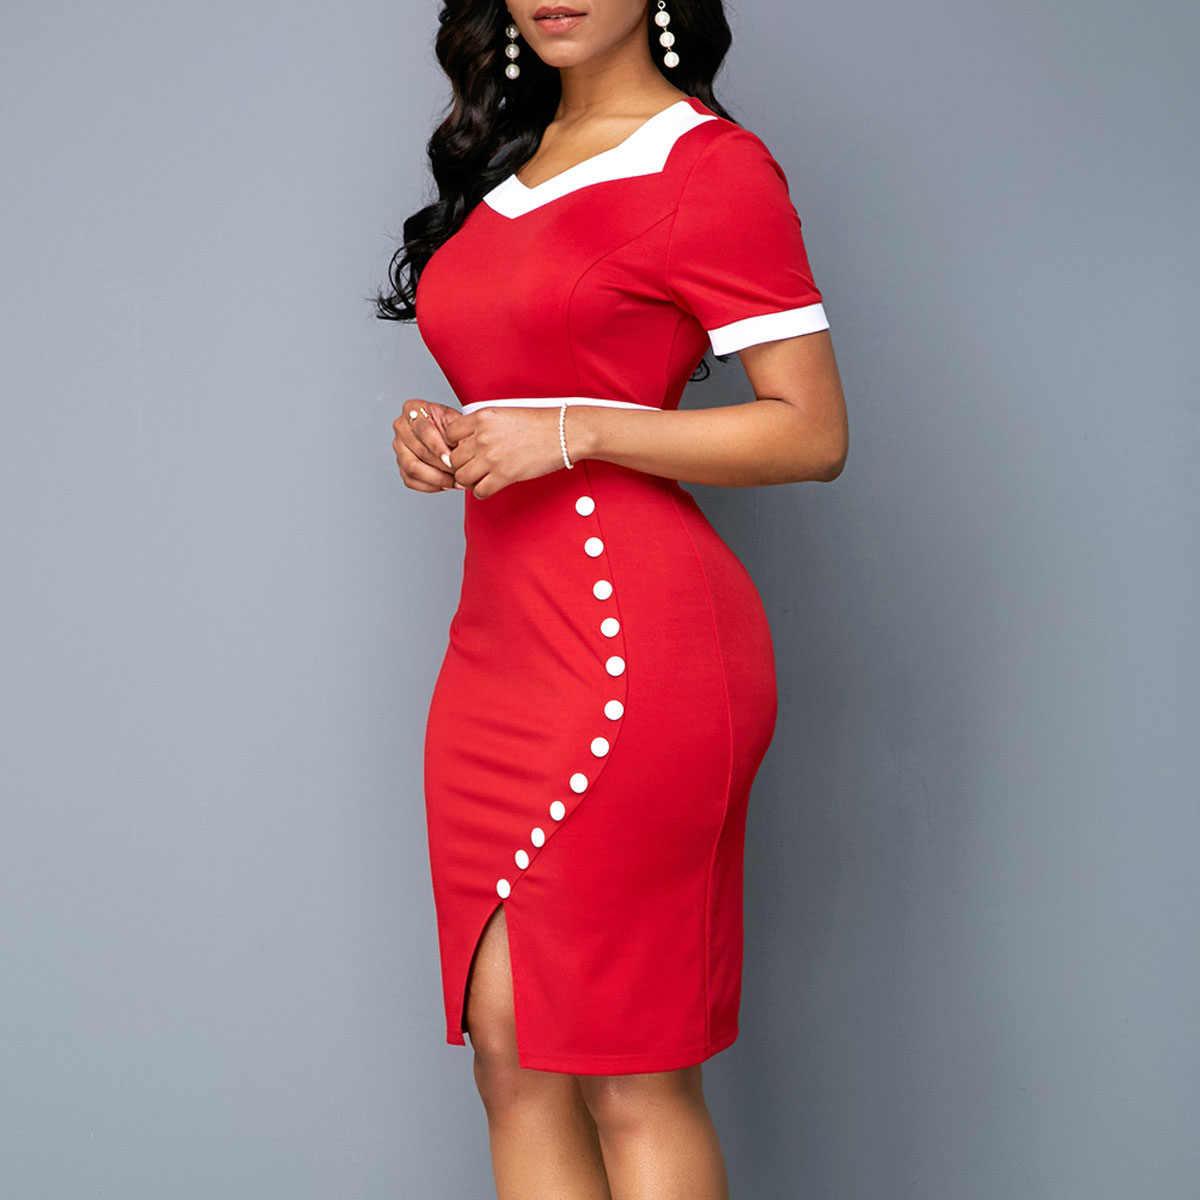 Летнее платье женское 2019 повседневное Плюс Размер Тонкое Лоскутное офисное облегающее платье винтажные элегантные сексуальные вечерние платья с v-образным вырезом